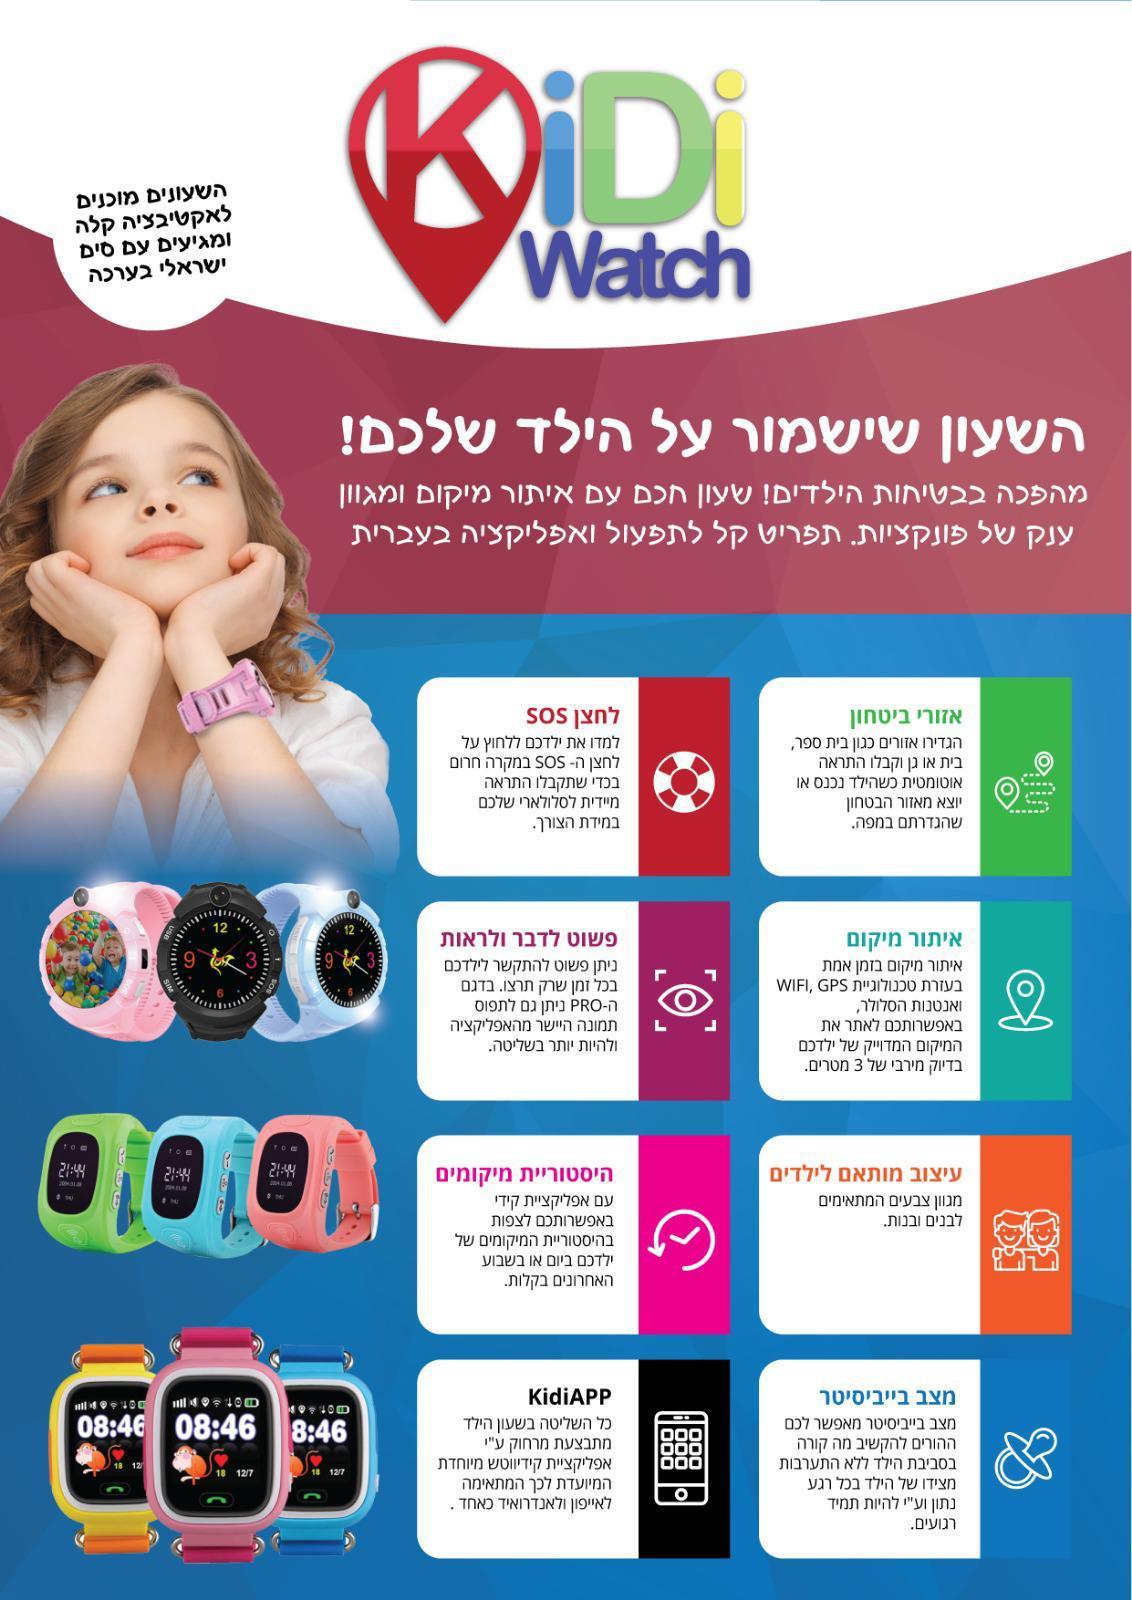 KIDI WATCH PRO שעון טלפון חכם עם מצלמה קידי ווטש